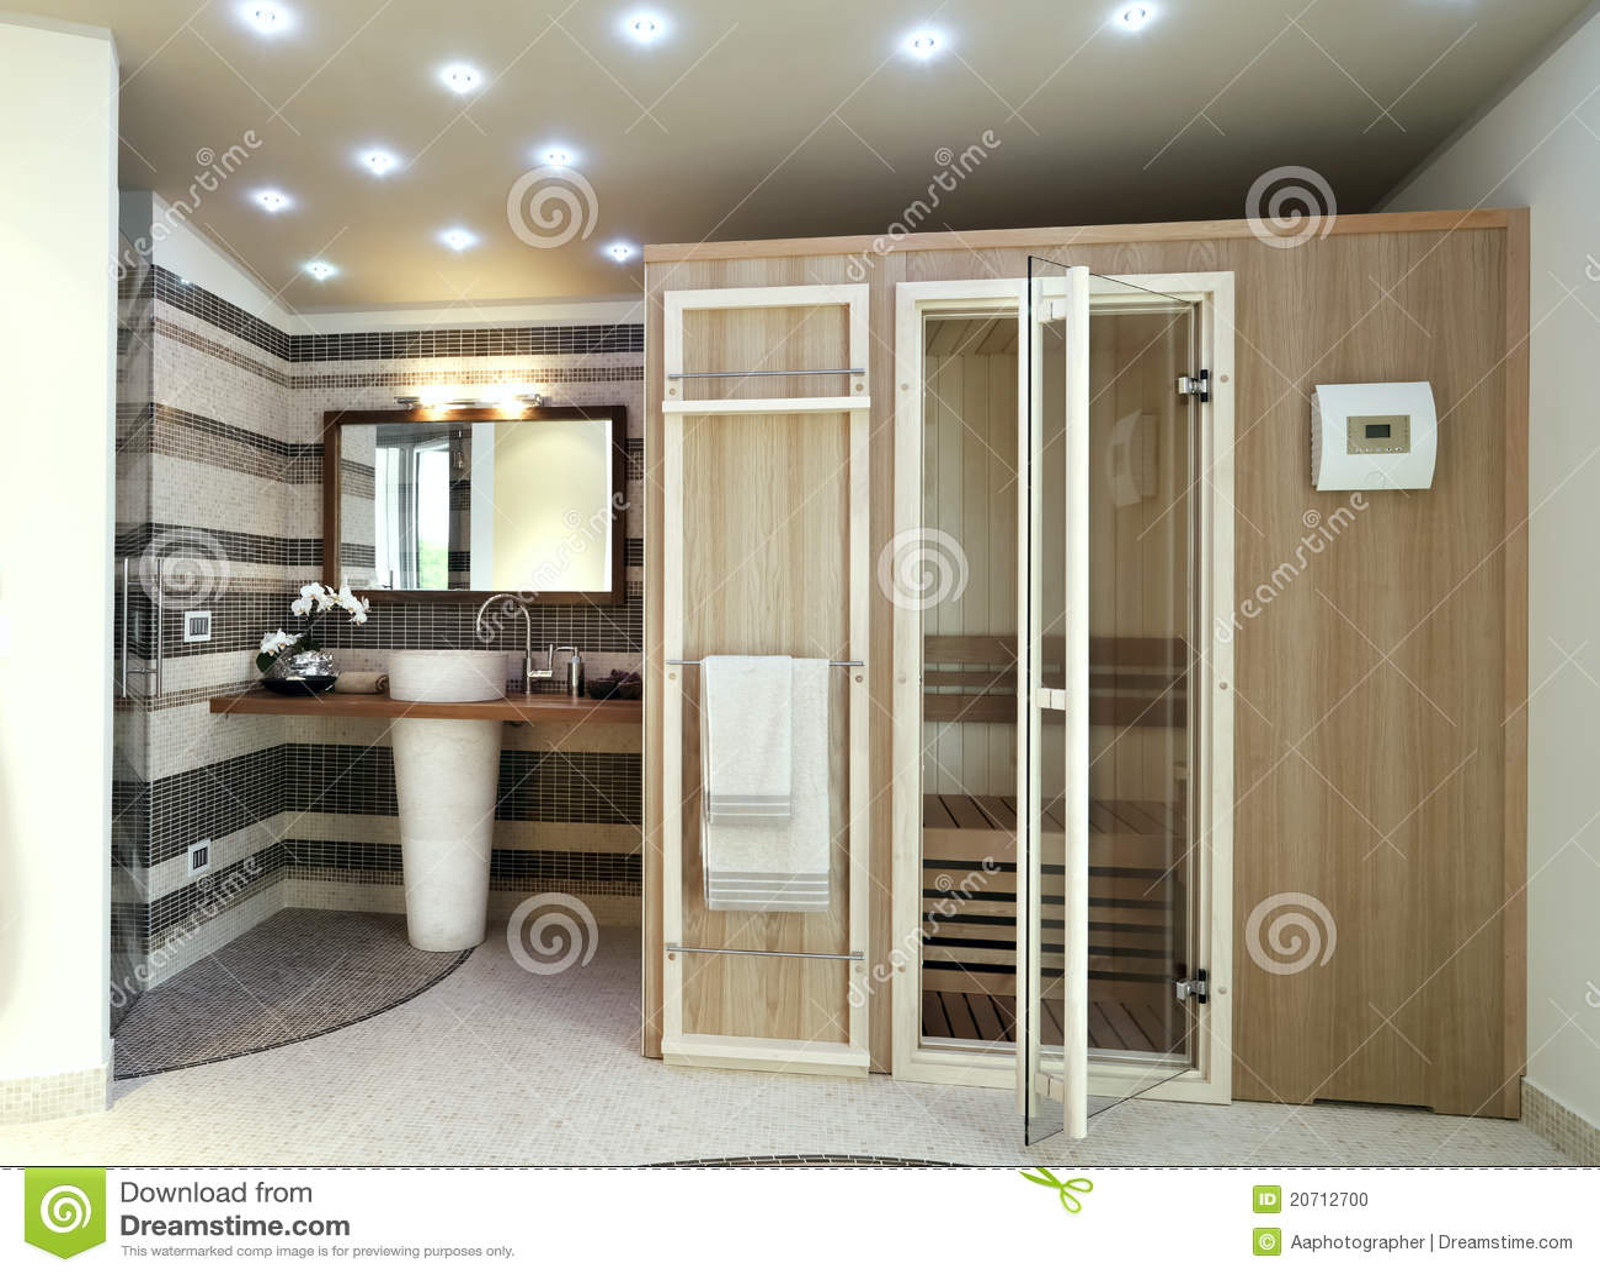 salle de bains moderne avec le sauna photo stock - image du ... - Salle De Bain Avec Sauna